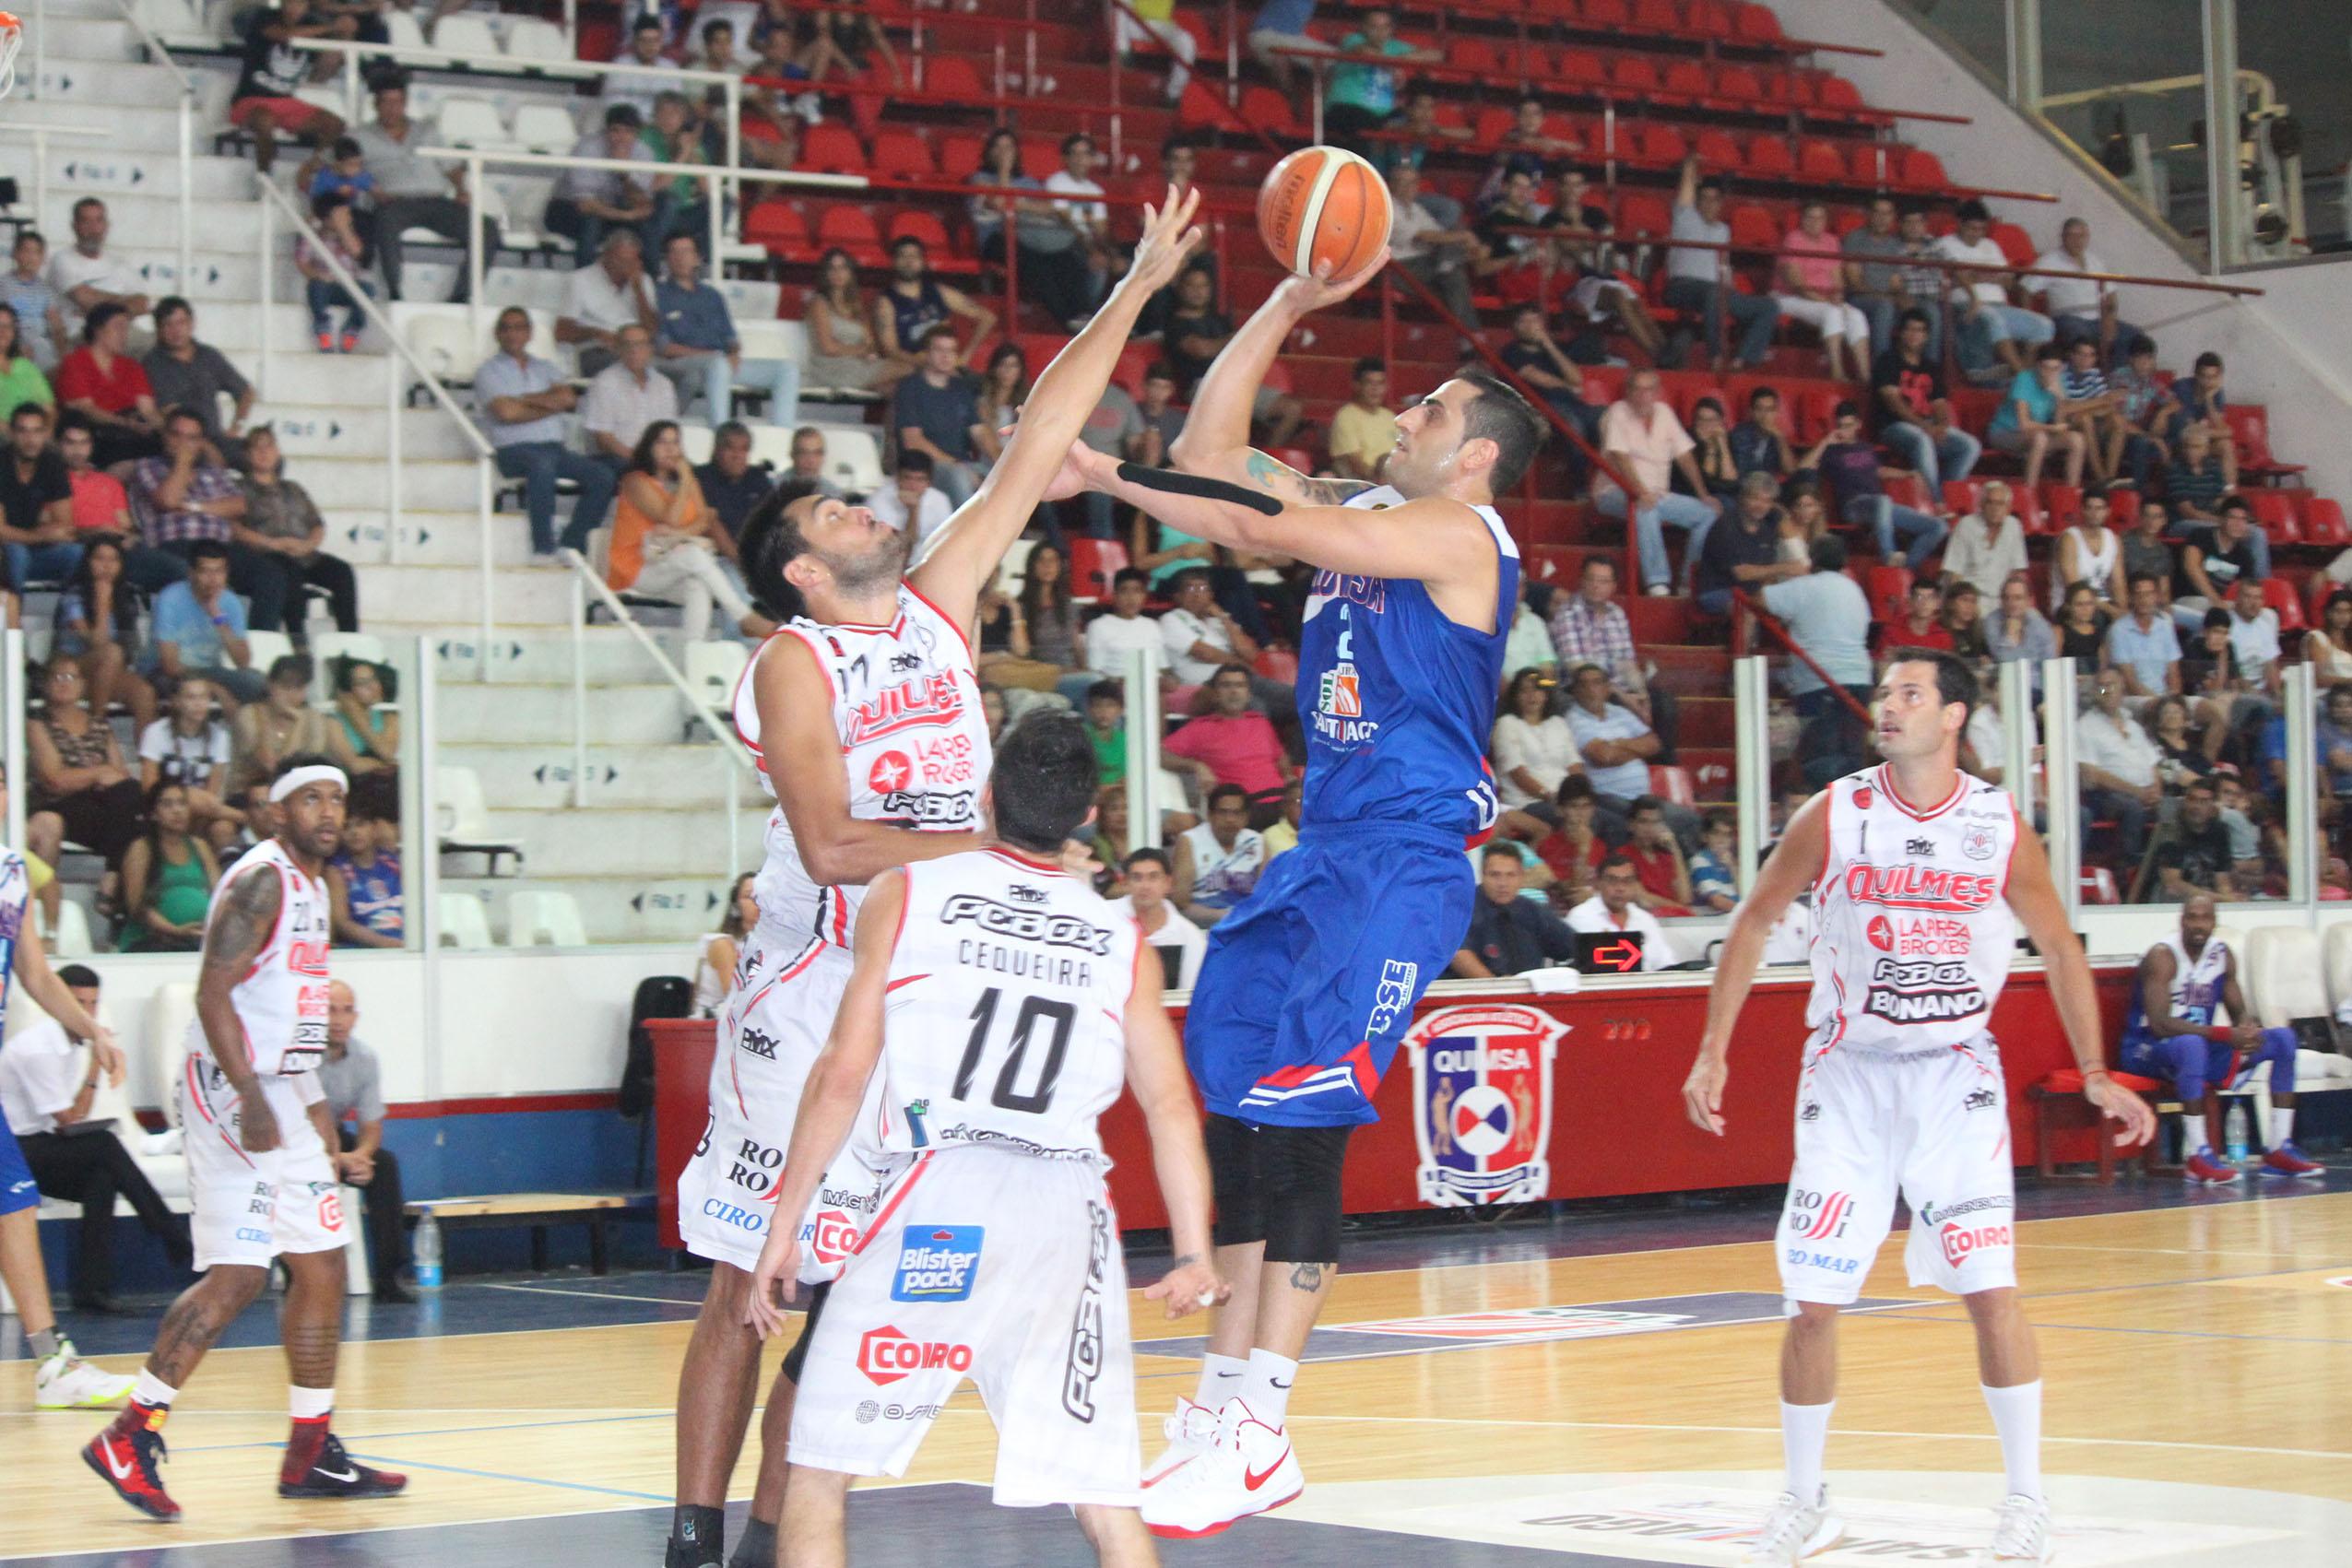 Damián Tintorelli tuvo su noche de ensueño con 26 puntos. (Foto: Mariano Díaz (Pasion & Deporte - LNB.com.ar)